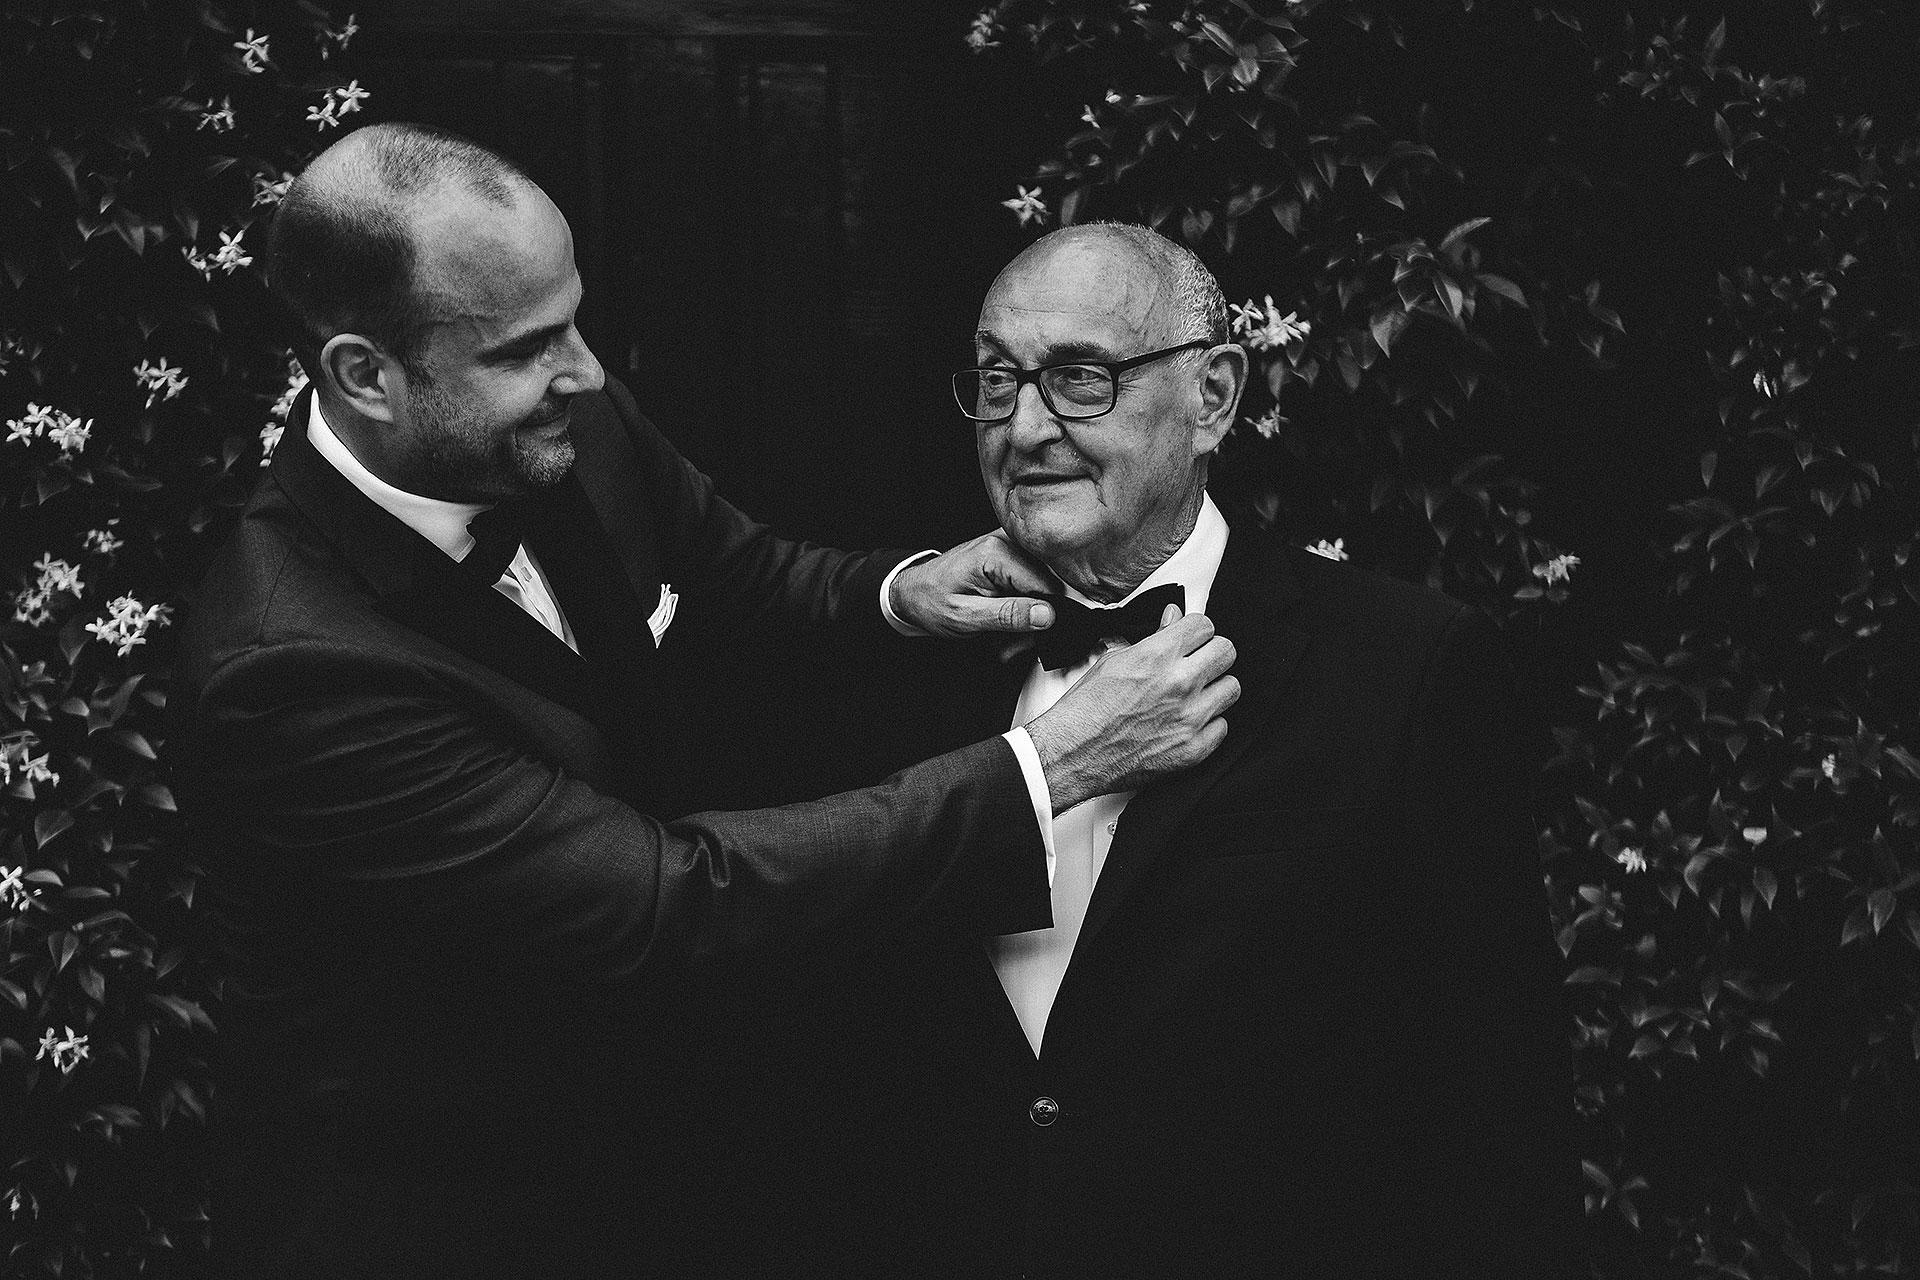 wedding photographer borgo stomenanno tuscany